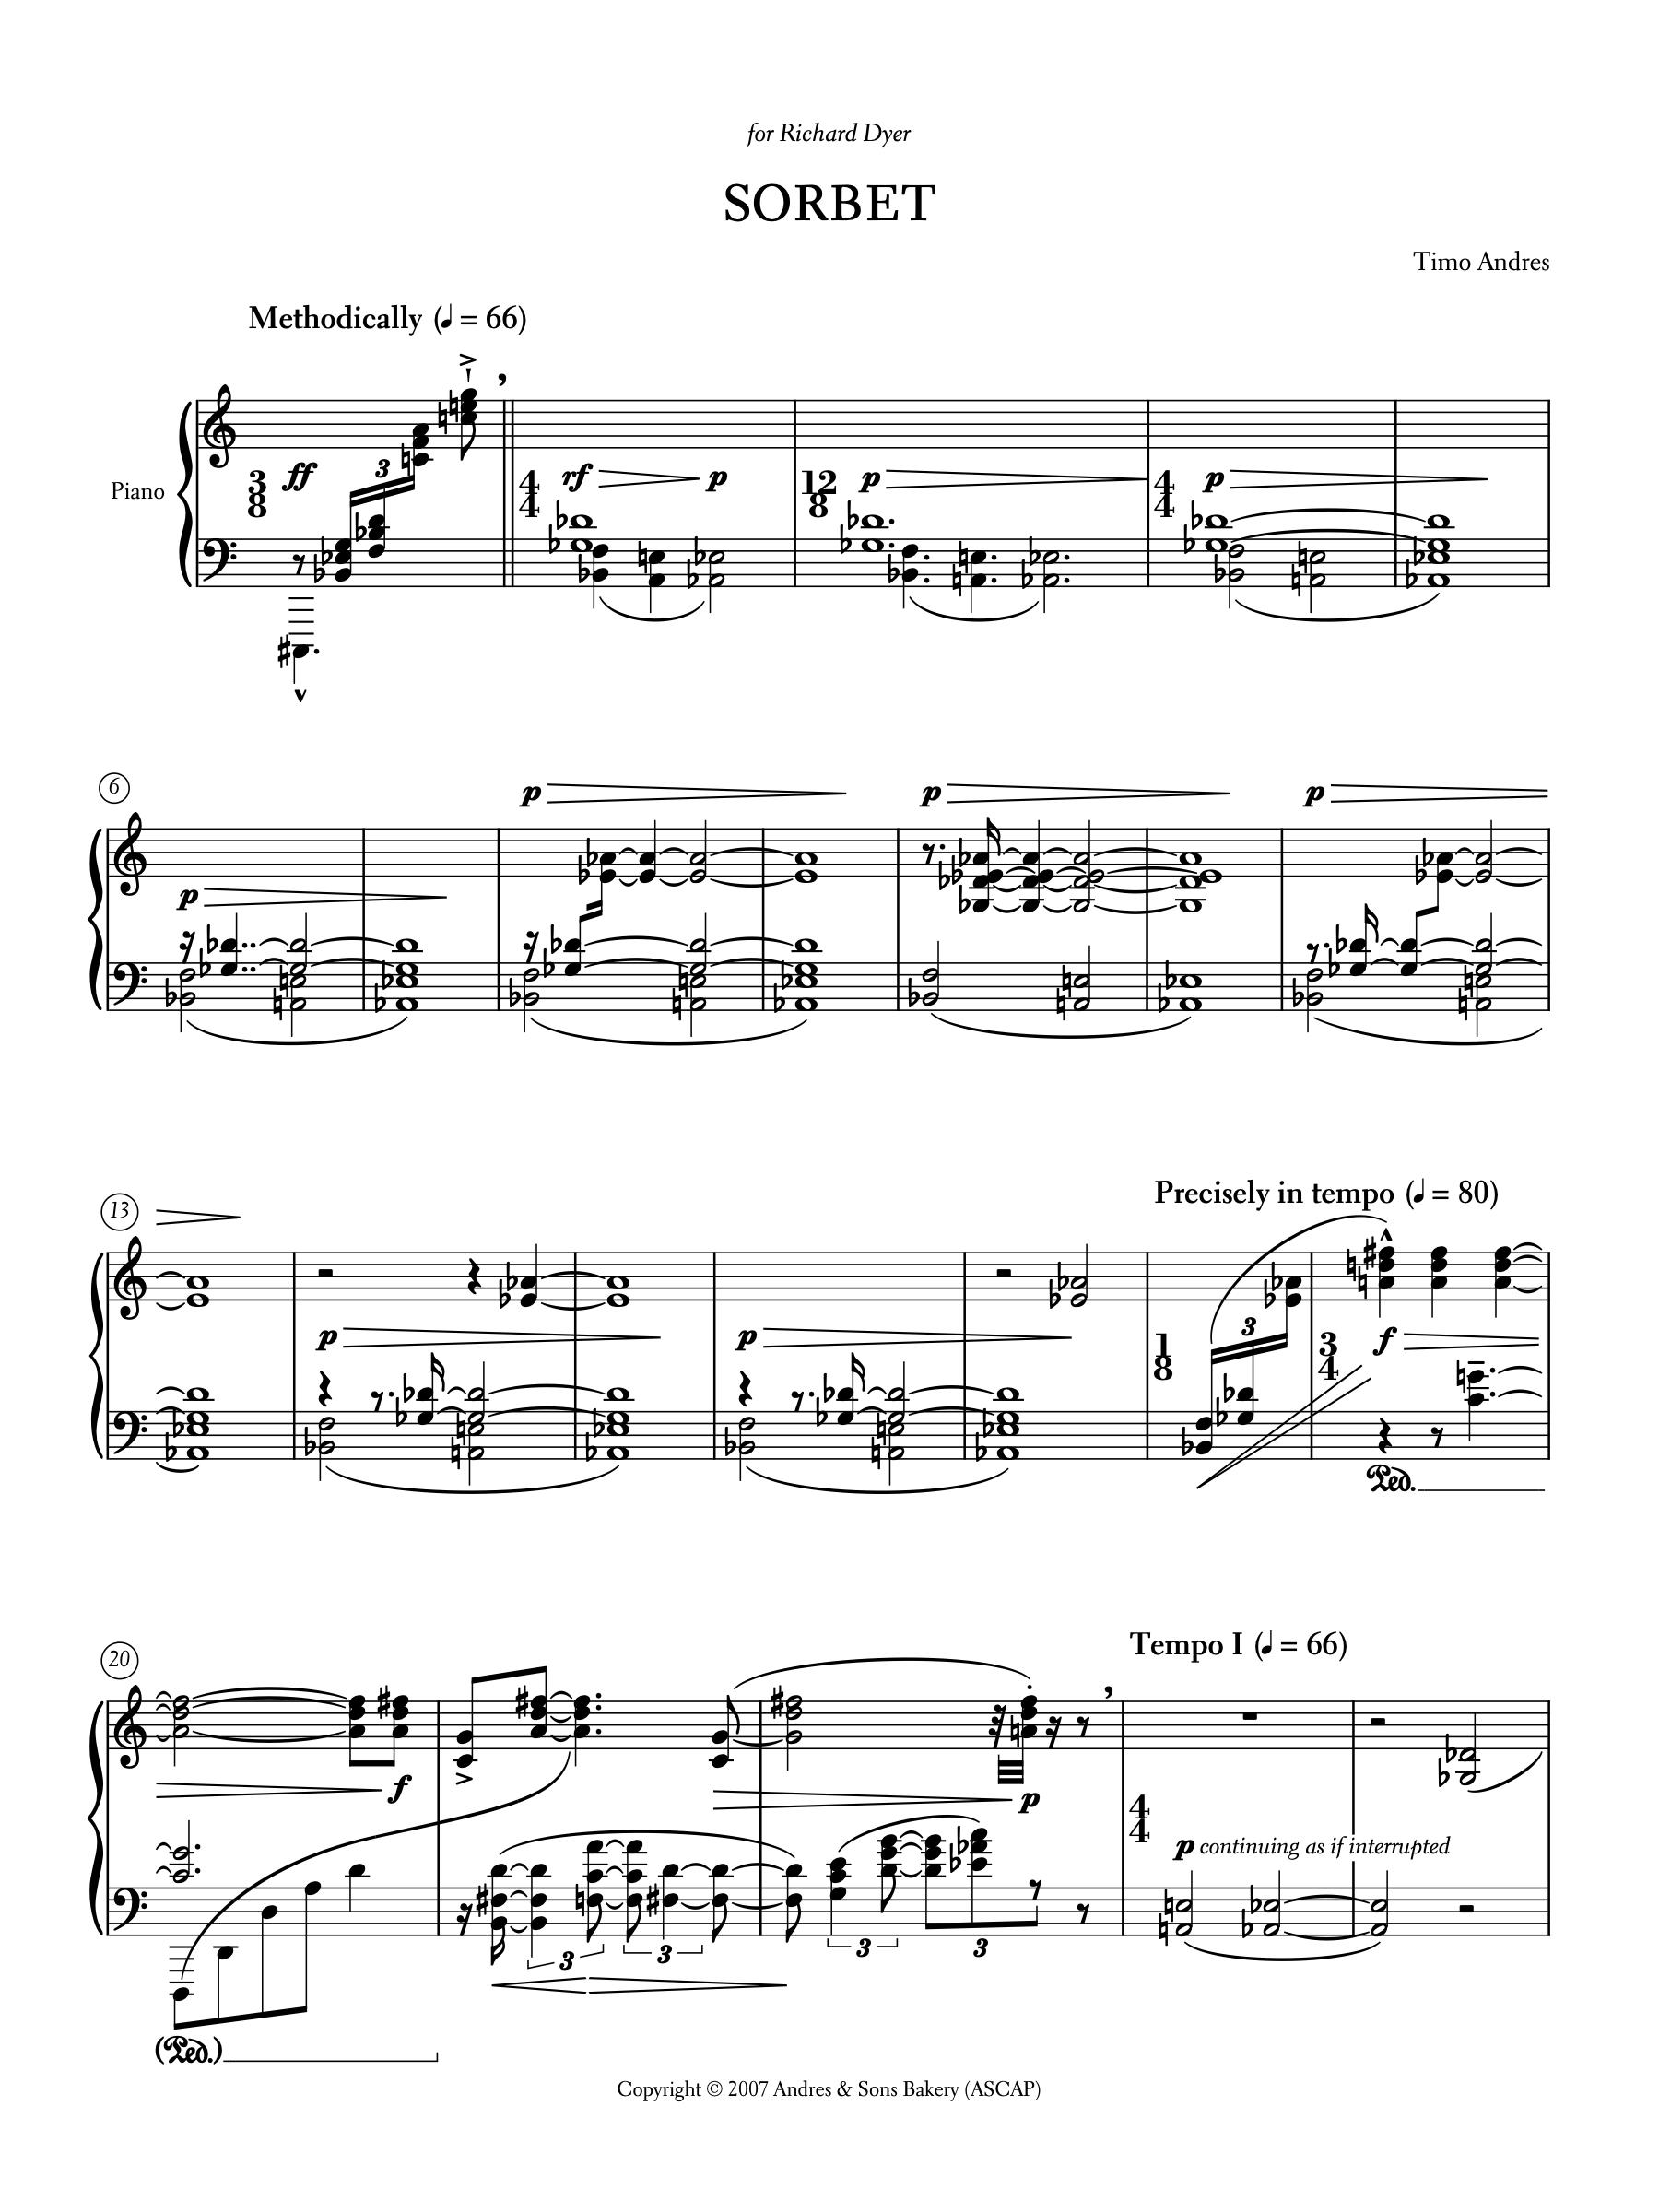 Sorbet, p. 1